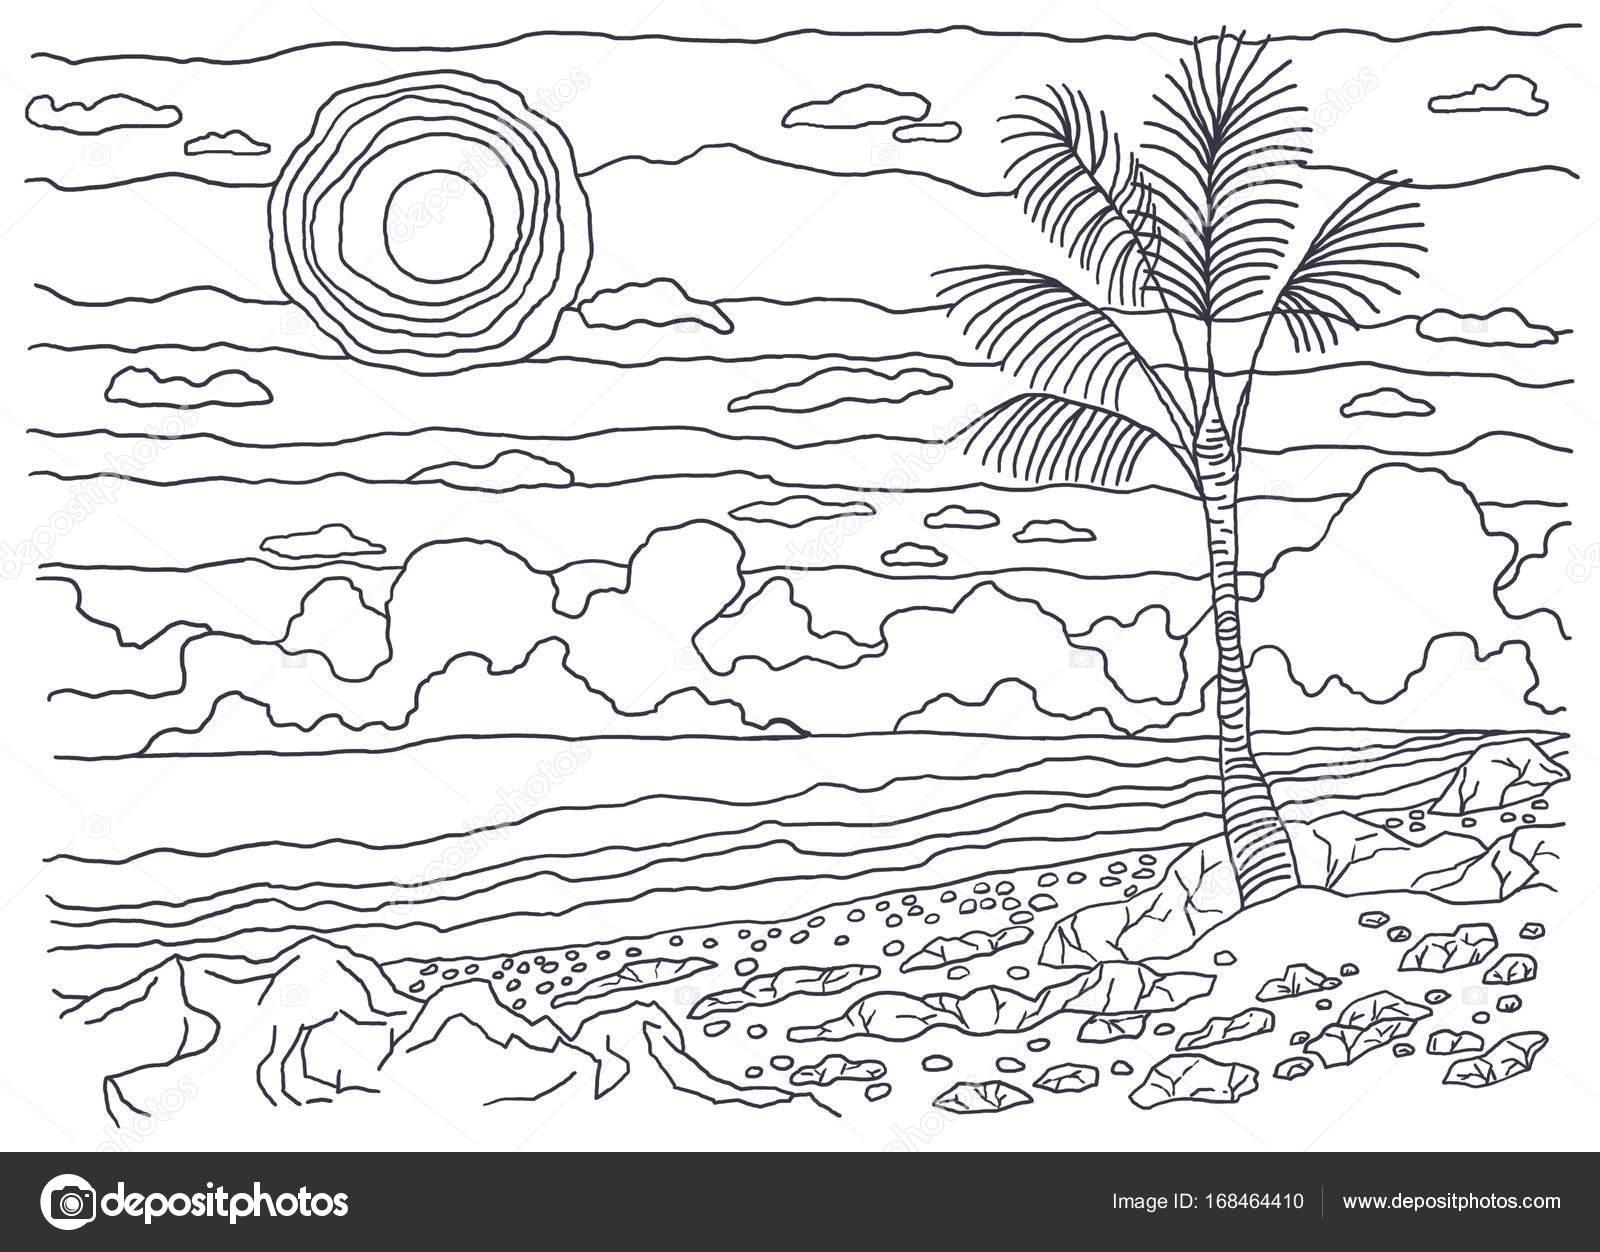 livros de colorir para crianças e adultos uma imagem da natureza